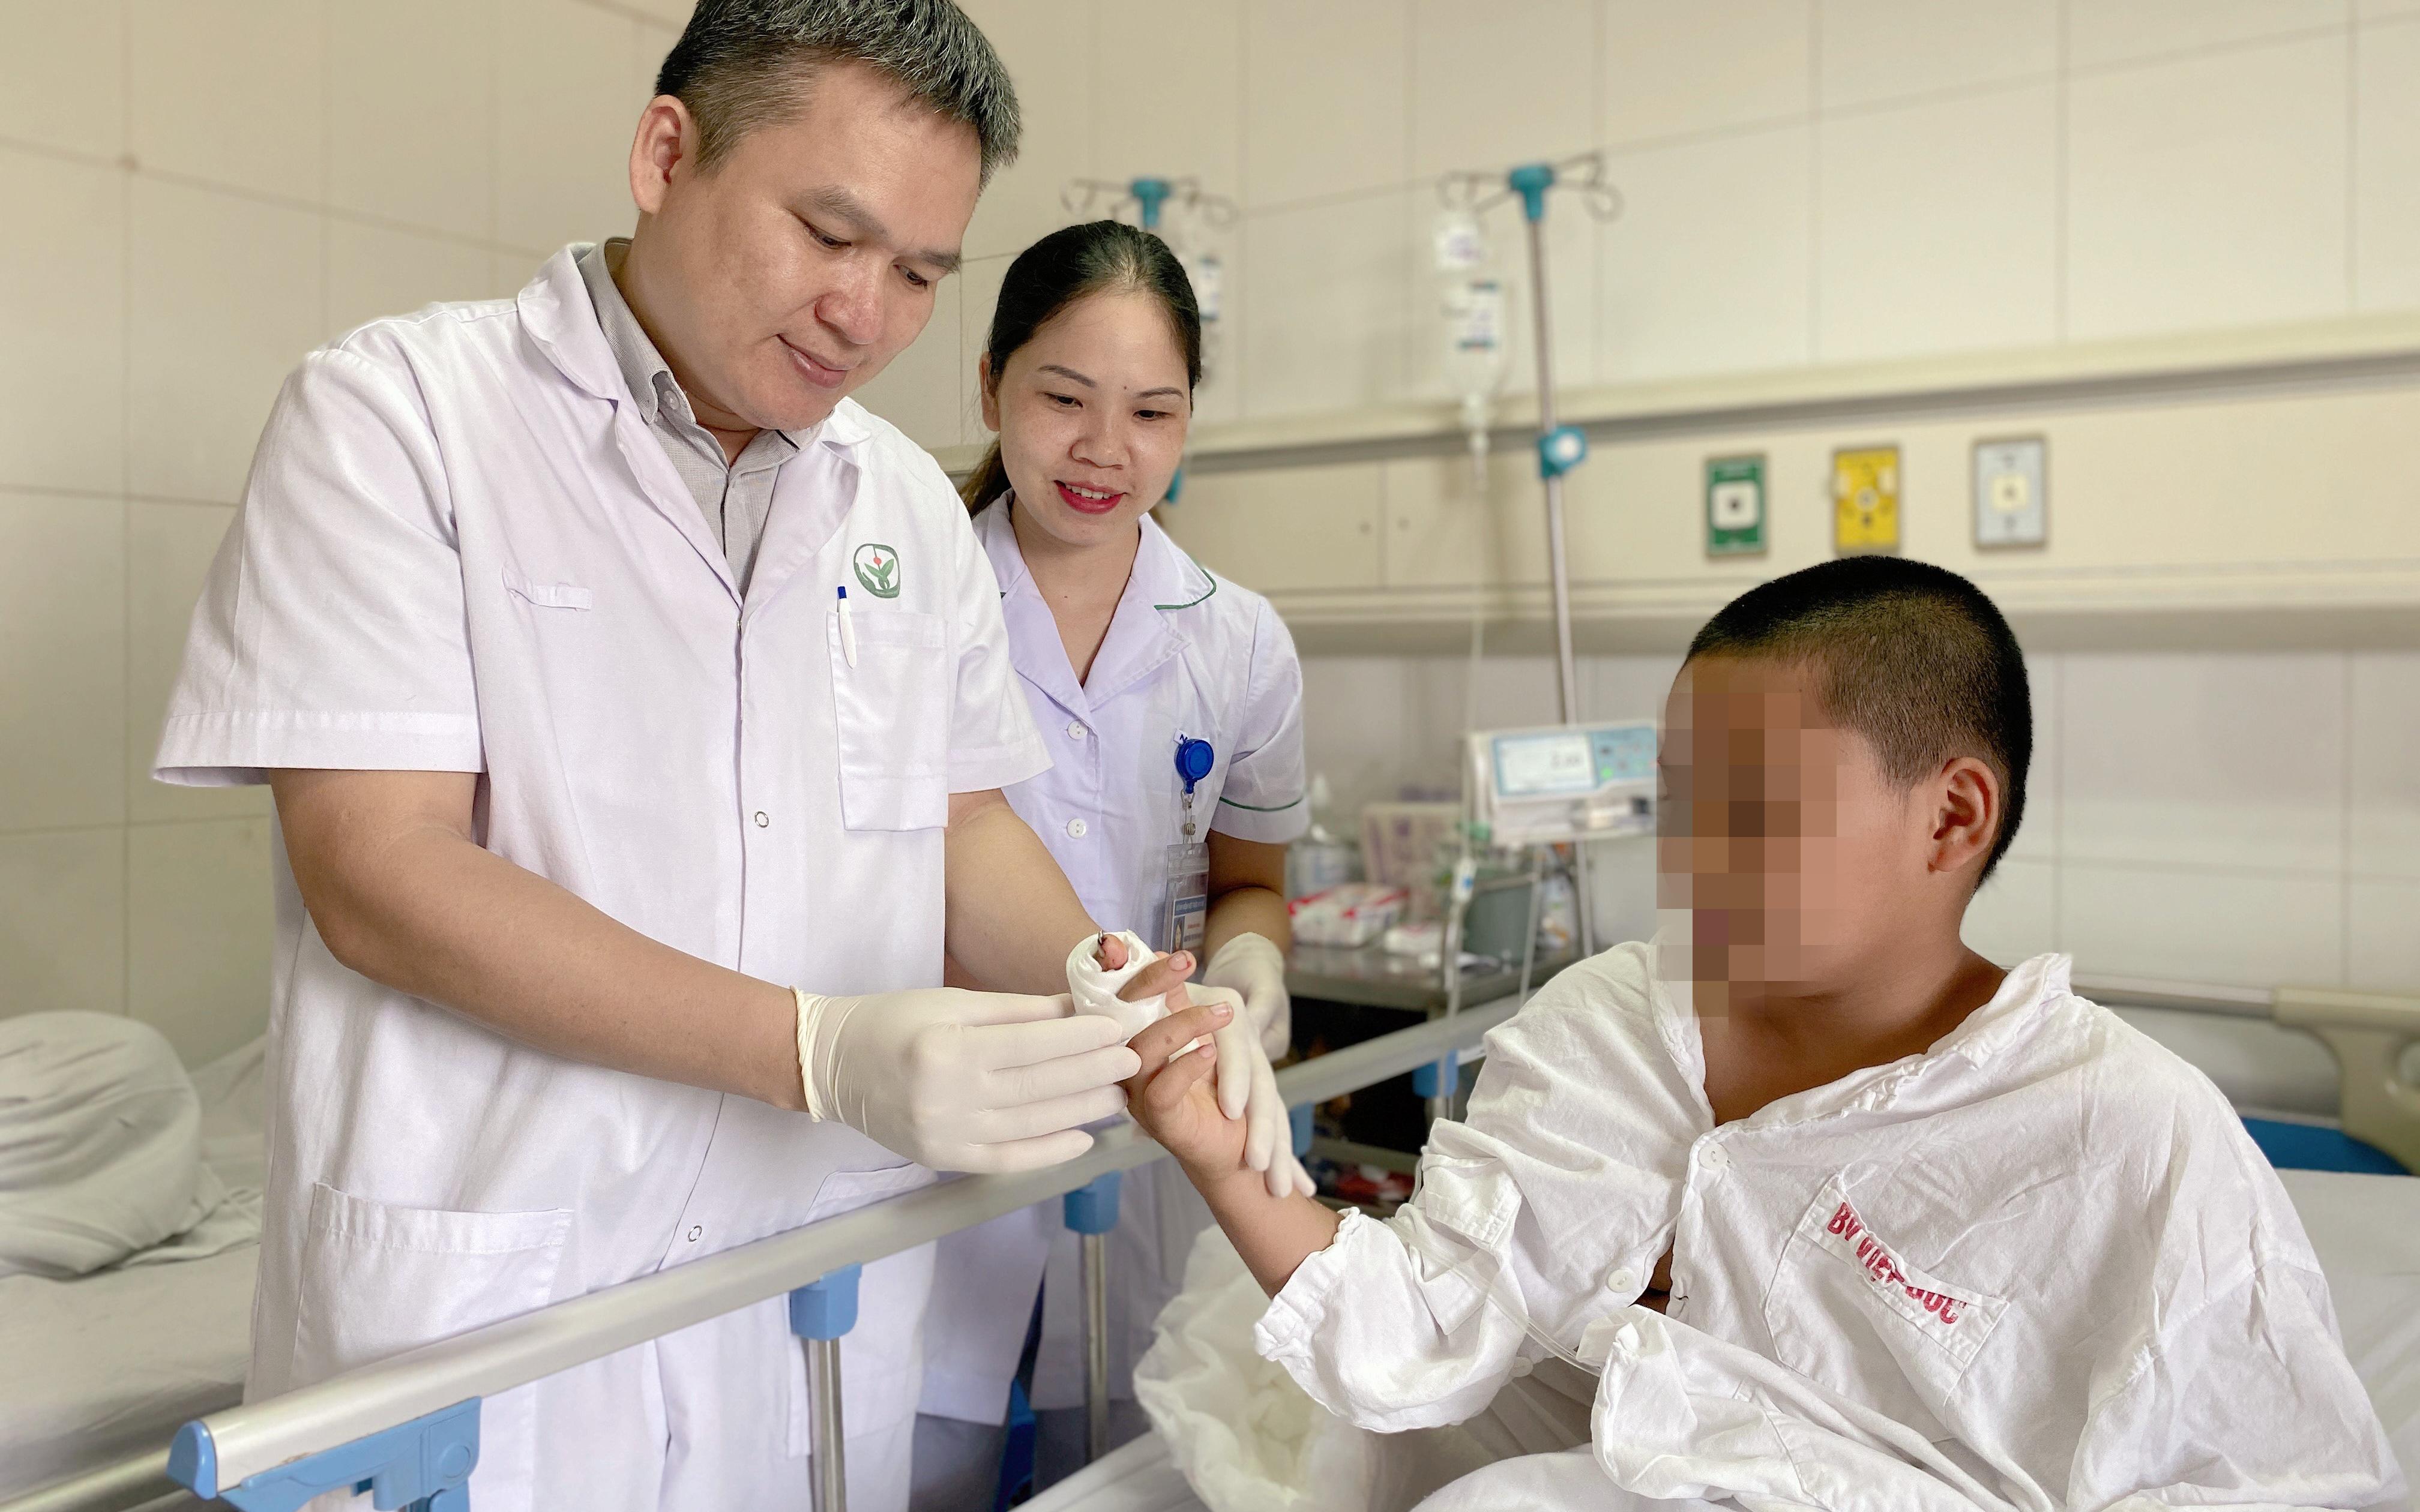 Tự cầm dao bổ bưởi, bé trai 11 tuổi bị đứt rời ngón tay